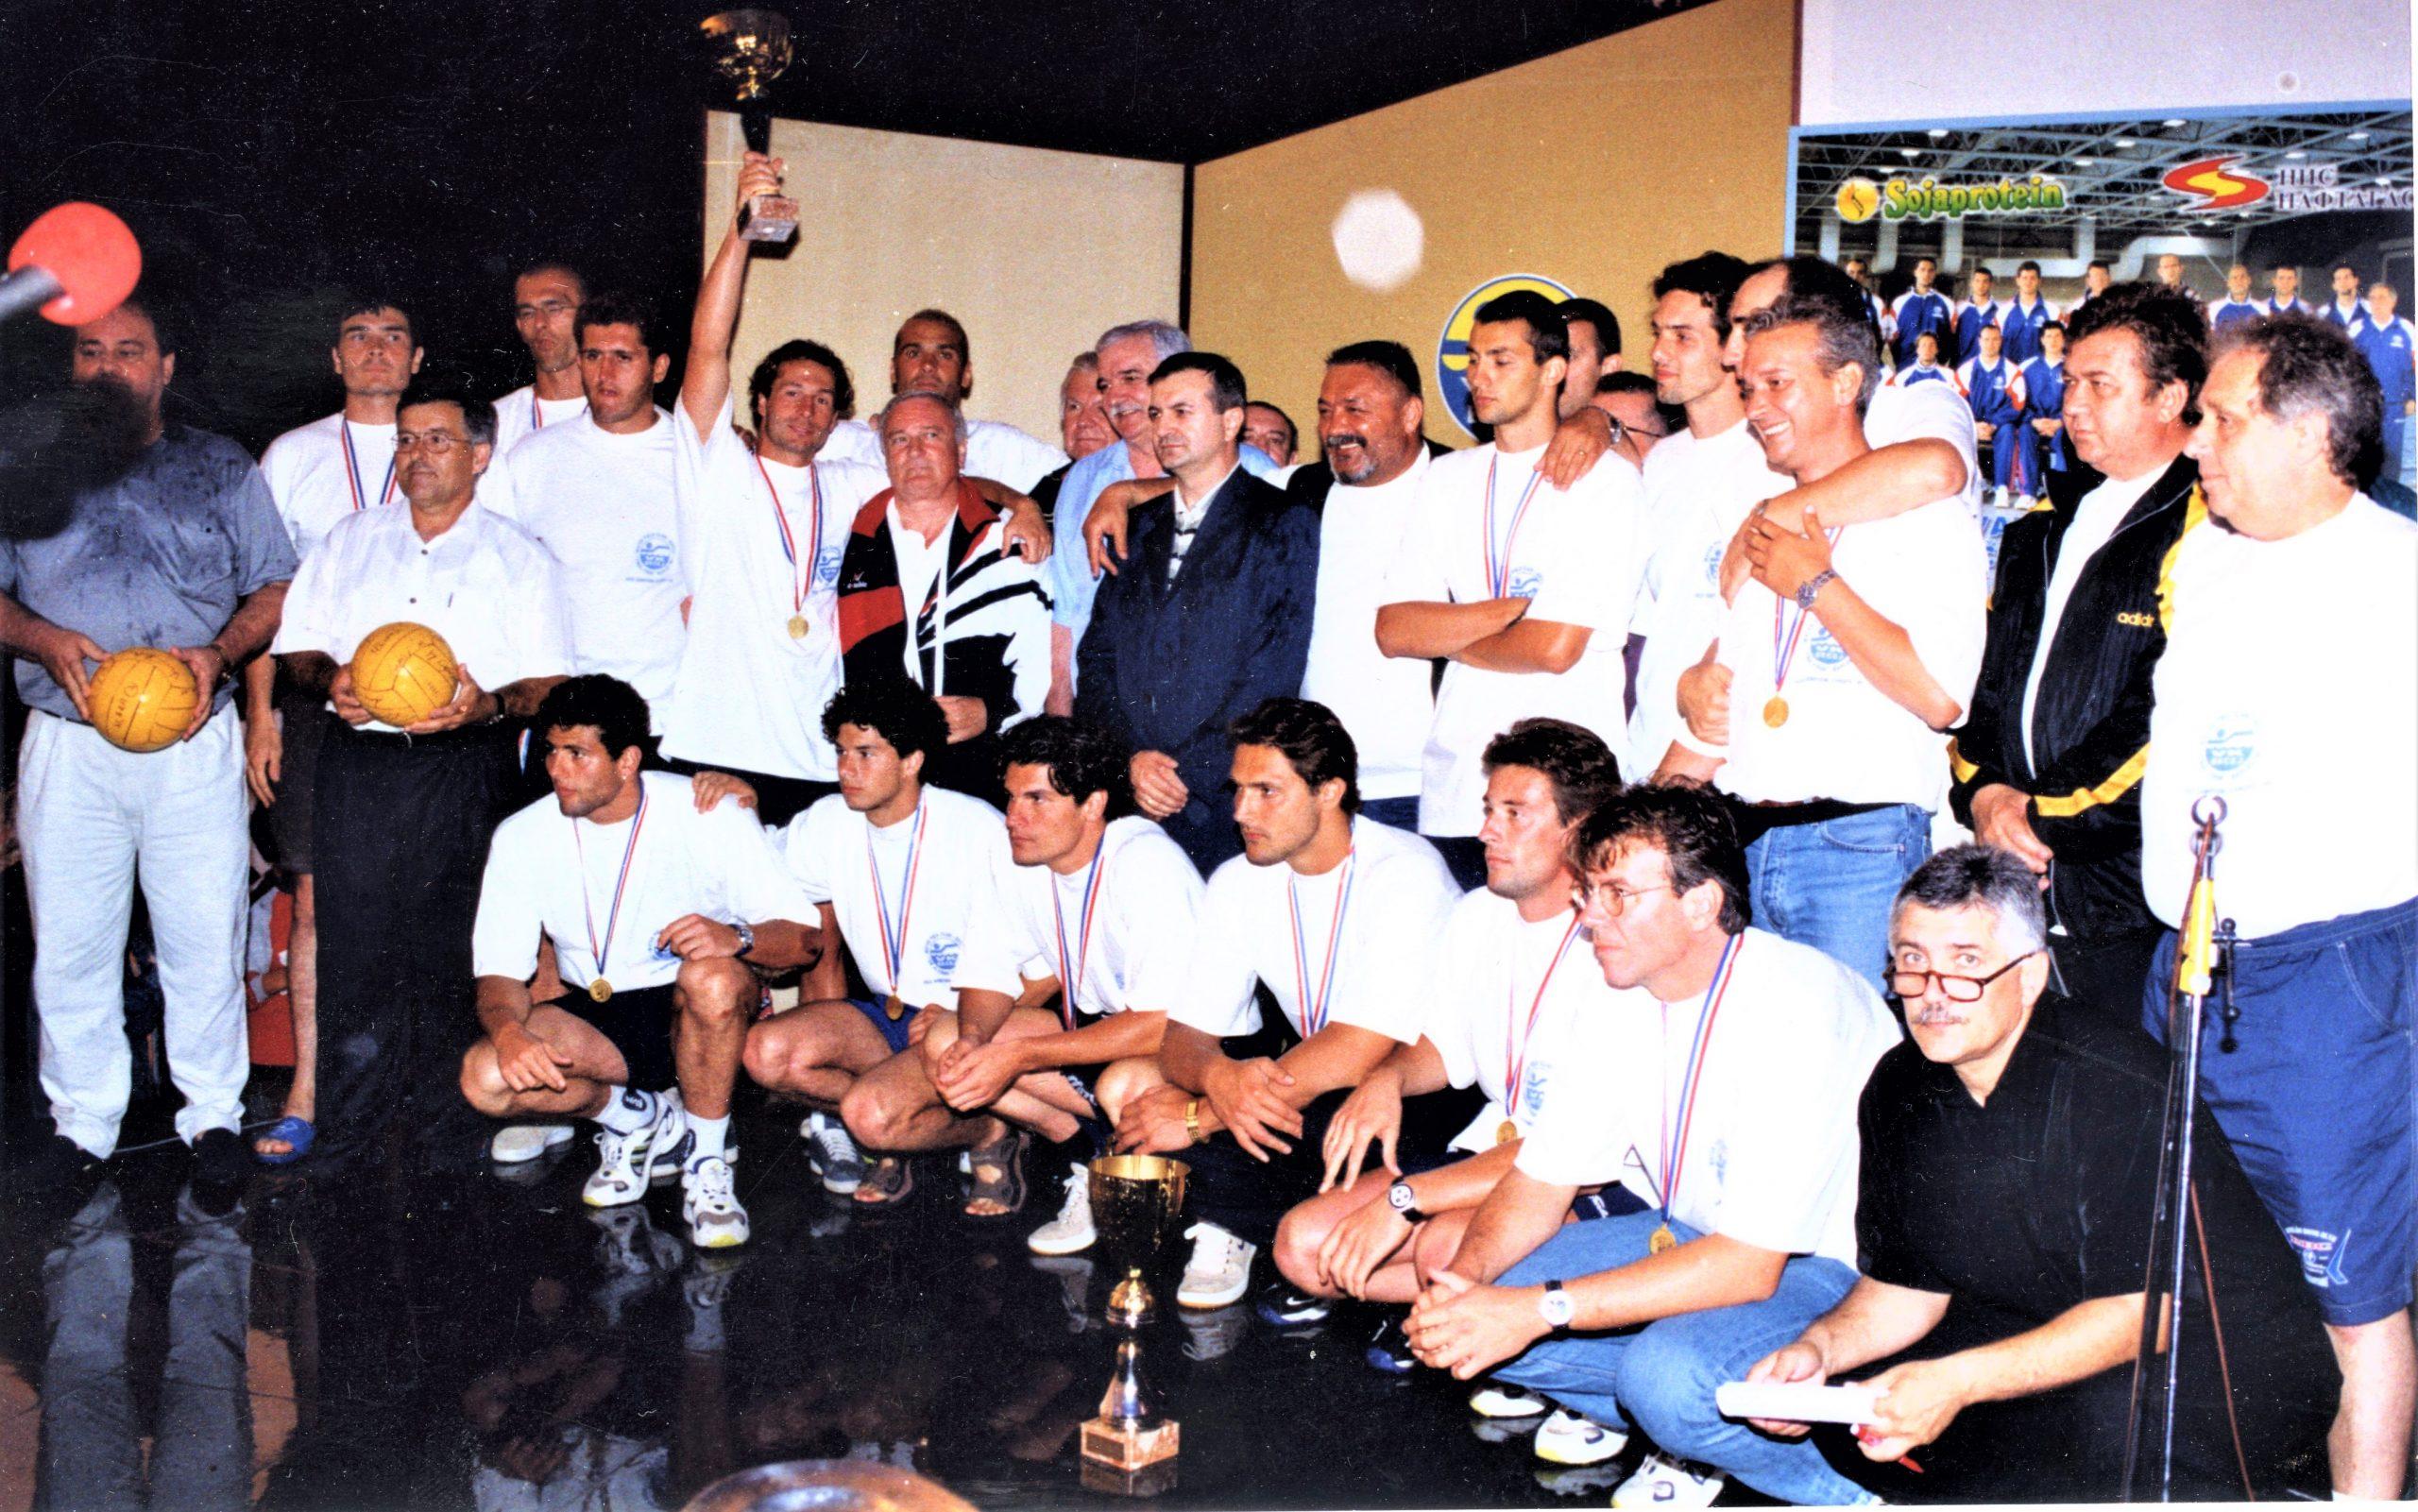 Sa dočeka evropskih vicešampiona 1999. godine na Pogači